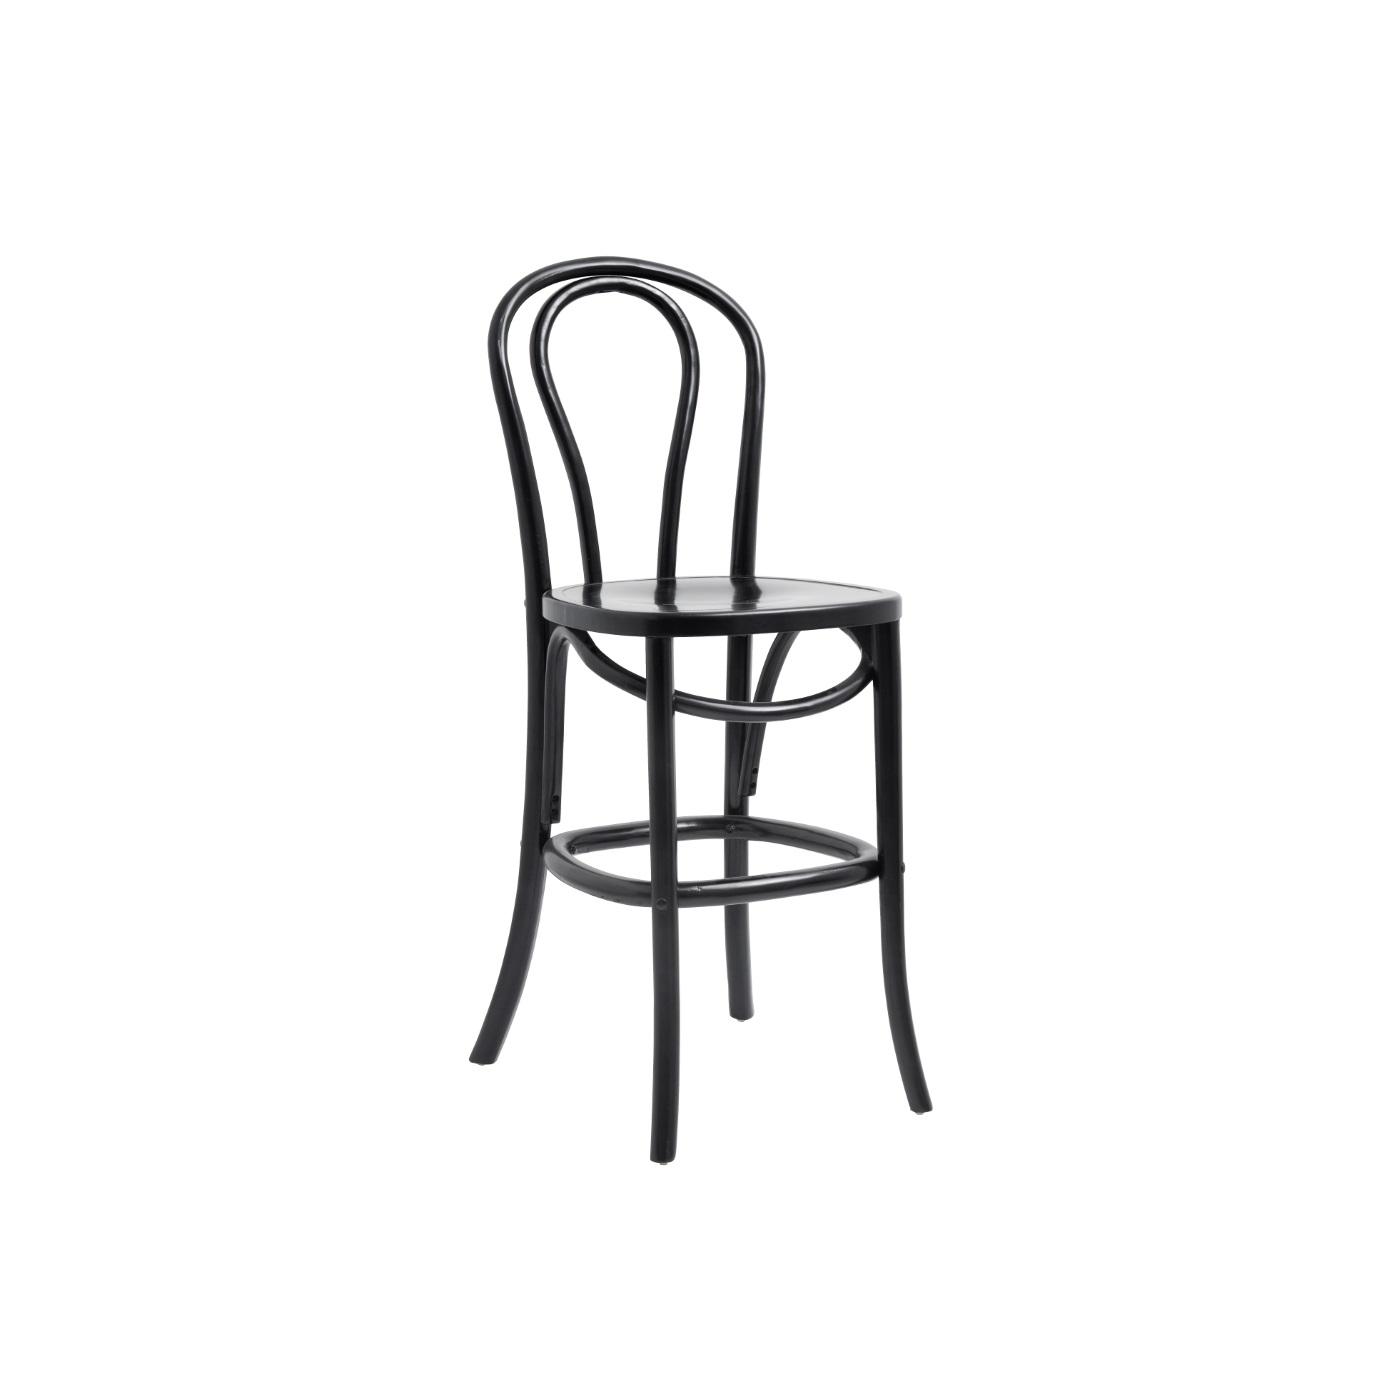 Köp Cafe barstol BISTRO svart, Nordal från 2890 kr Roomly.se